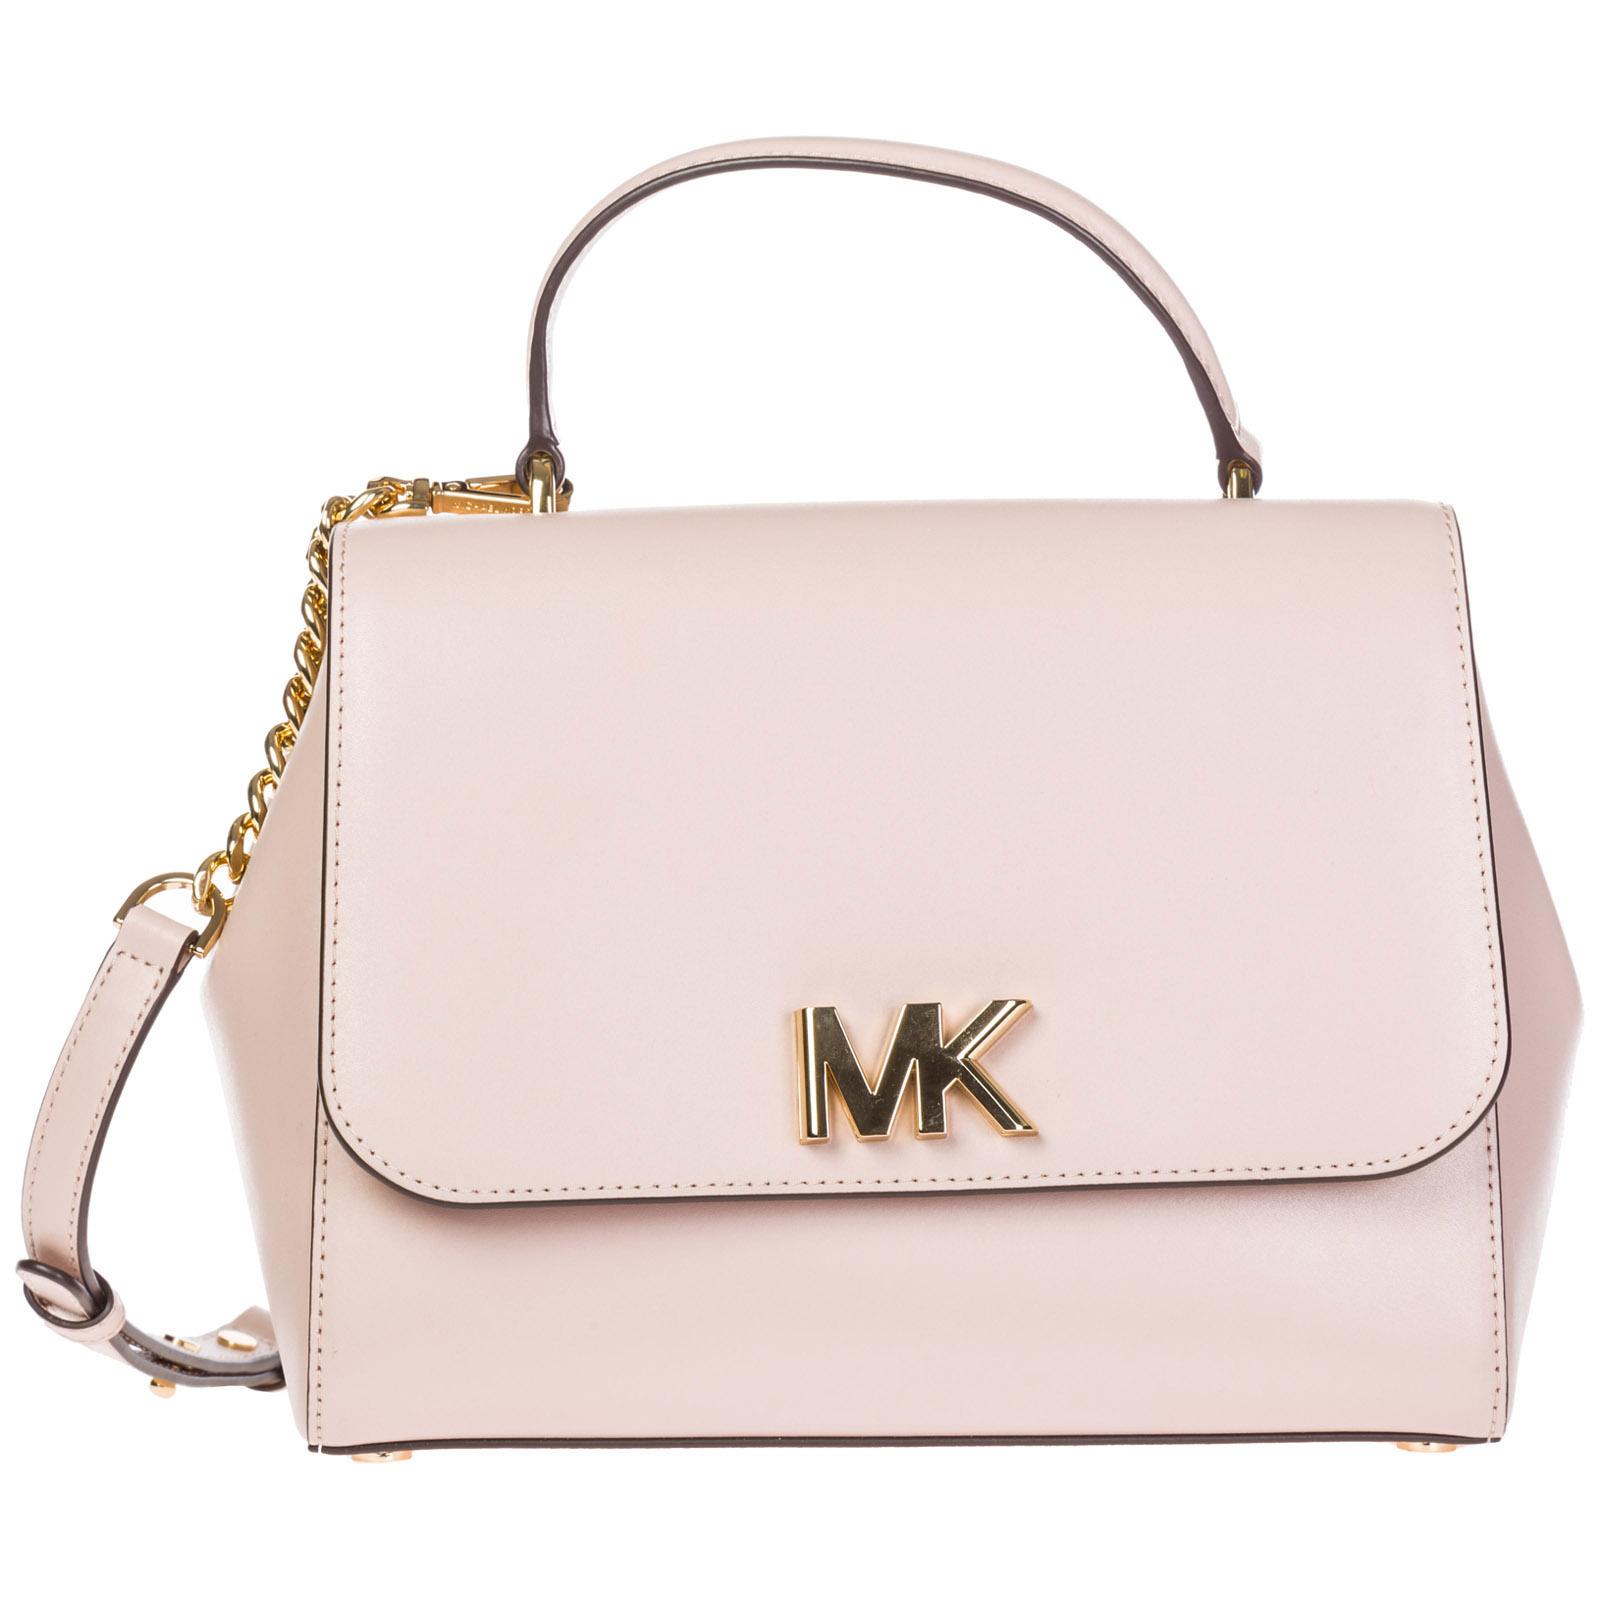 5da2e709a5f2 Handbag Michael Kors Monny 30S8GOXS2L soft pink   FRMODA.com